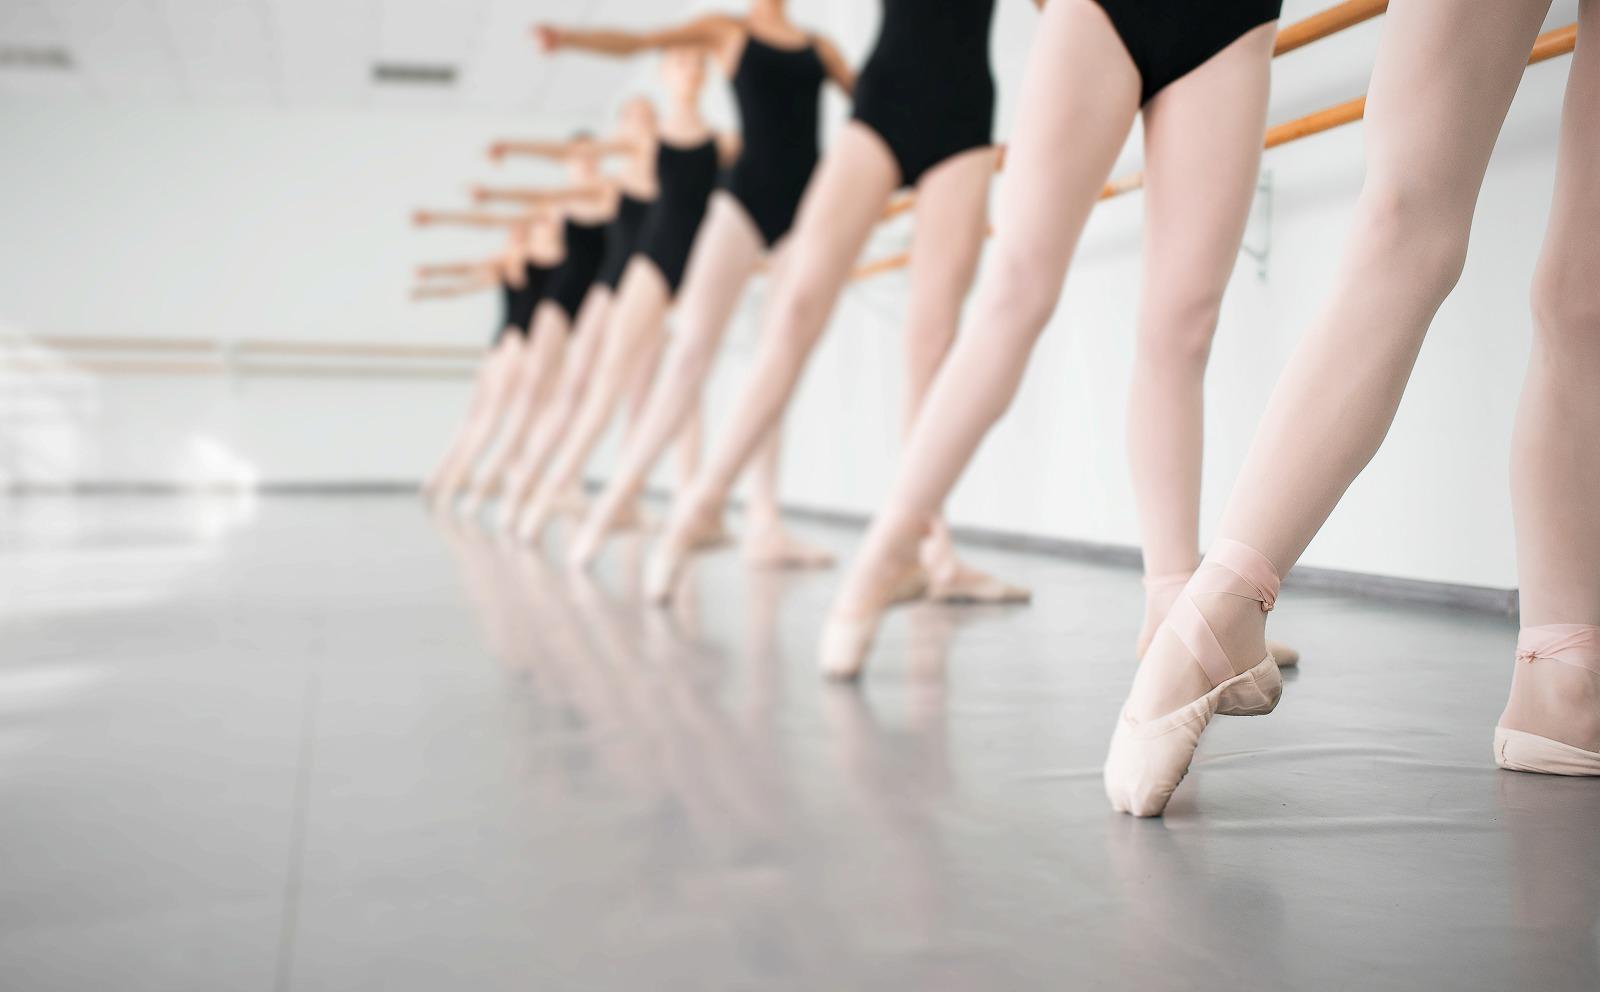 三軒茶屋 レンタルスタジオ バレエ教室 練習場所